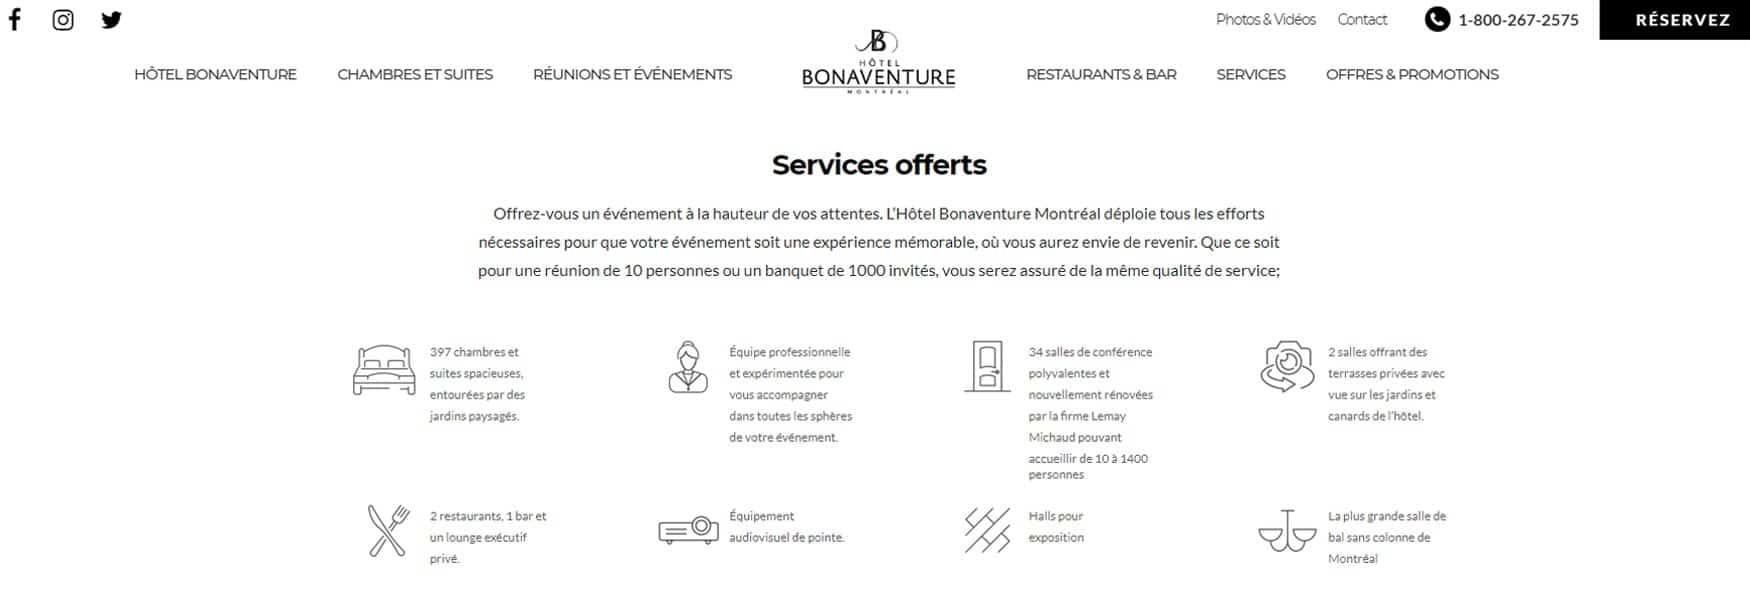 hotel-bonaventure-10